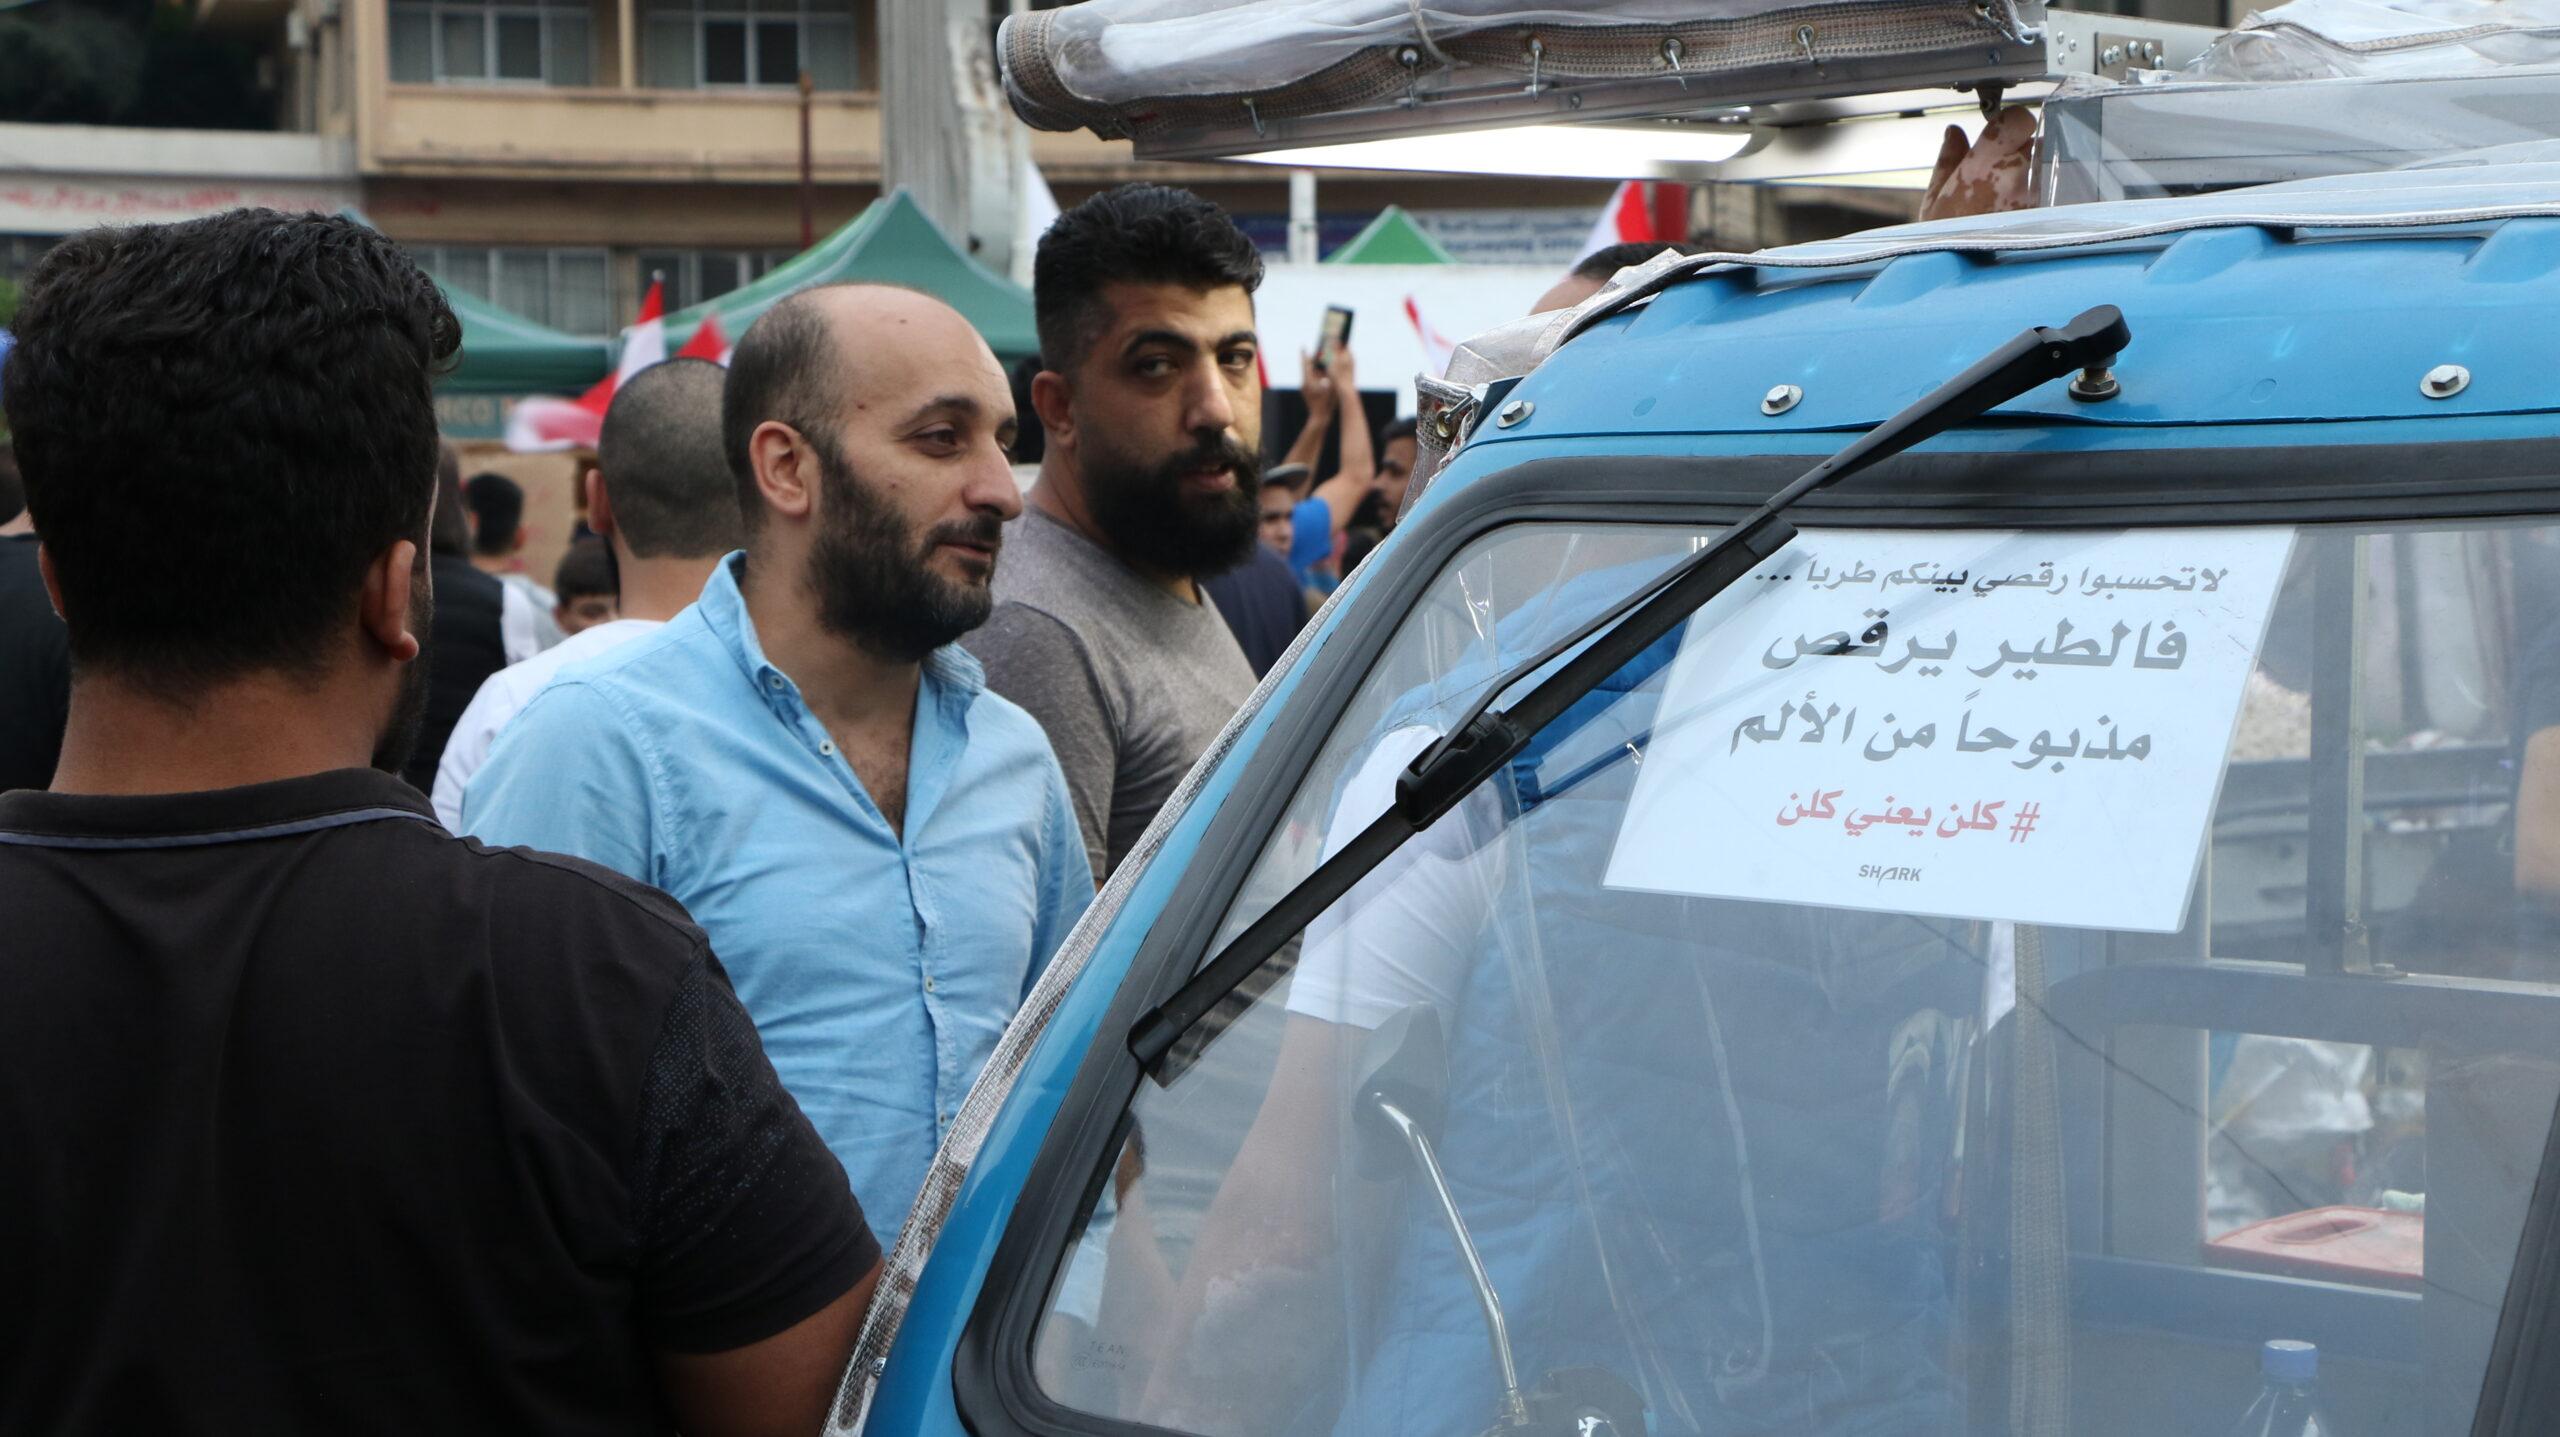 """طرابلس الثورة تخرج من قمقم الزعامات وتعيد لأهلها صورتهم الجميلة: 100 ألف متظاهر """"أنهوا ذيول الحرب"""""""